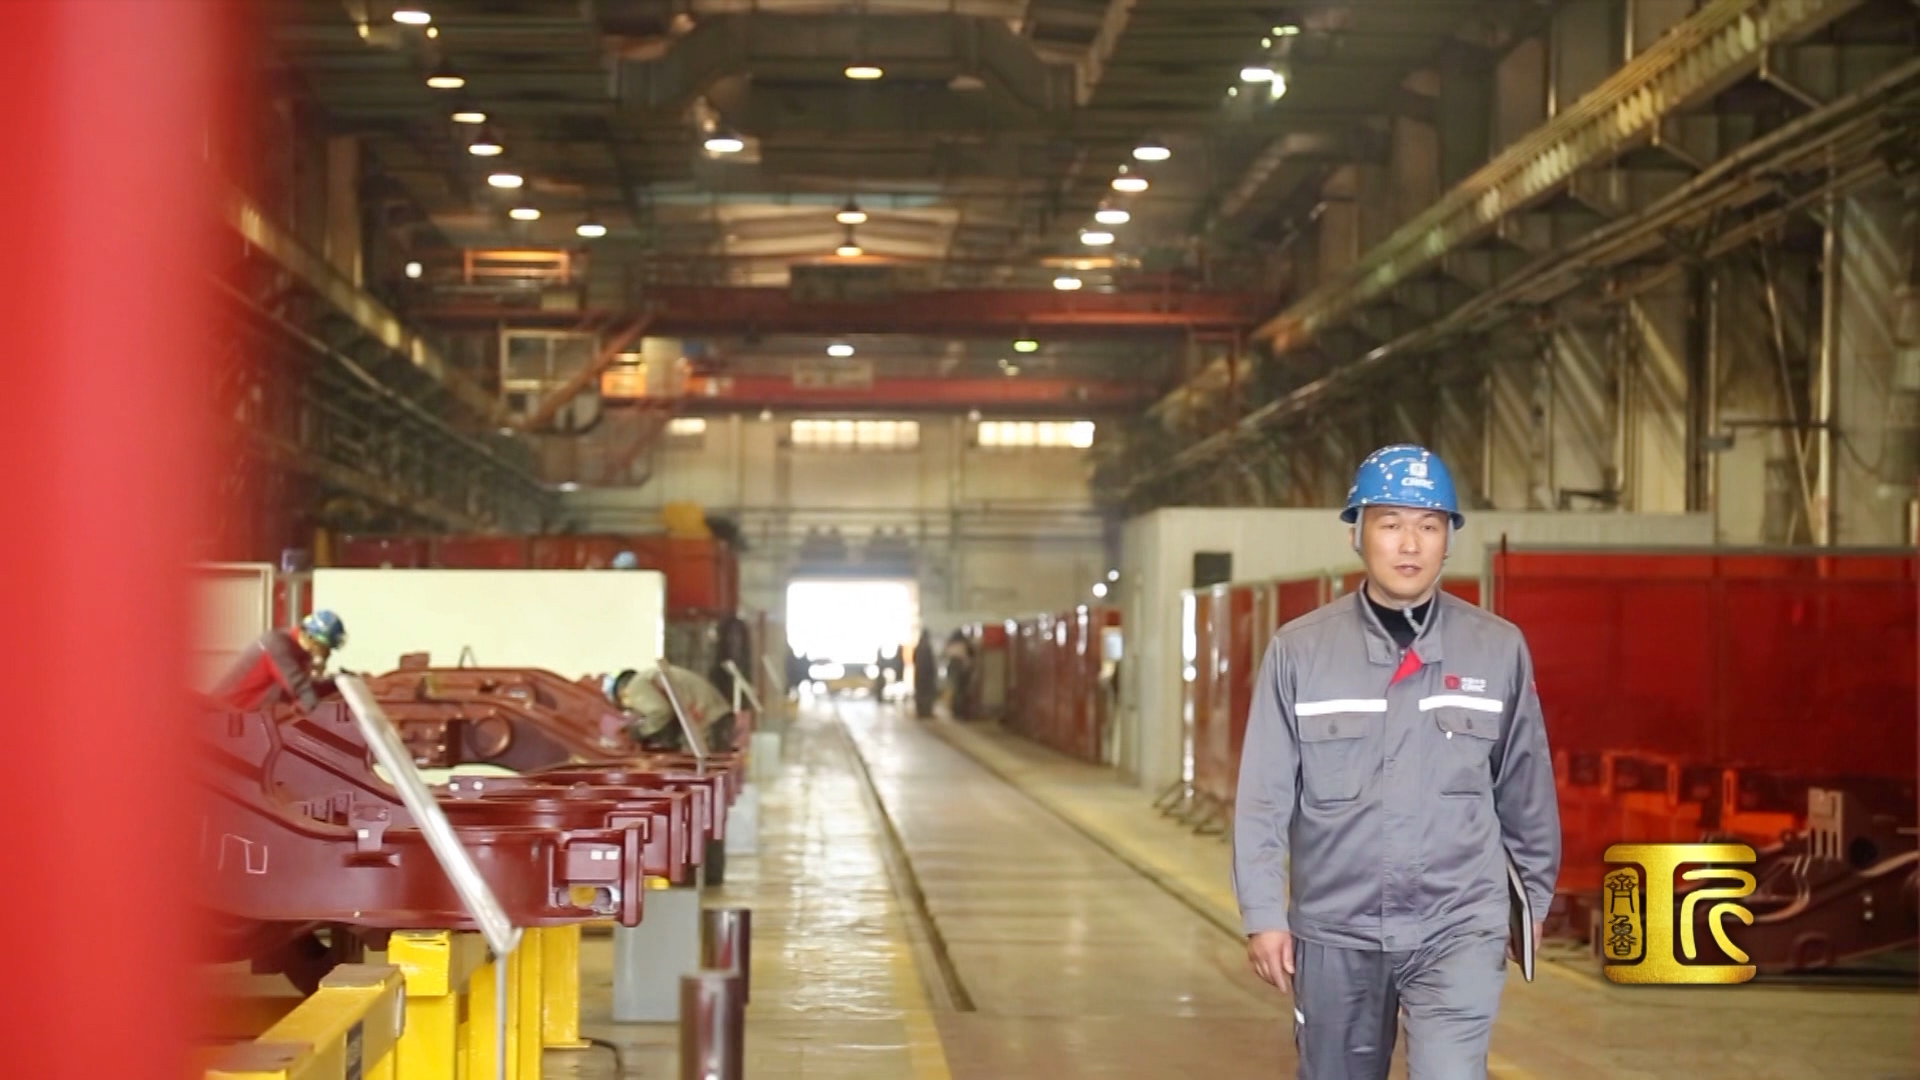 齐鲁大工匠刘建树:不拿焊枪的焊工 他被称焊接机器人编程第一人